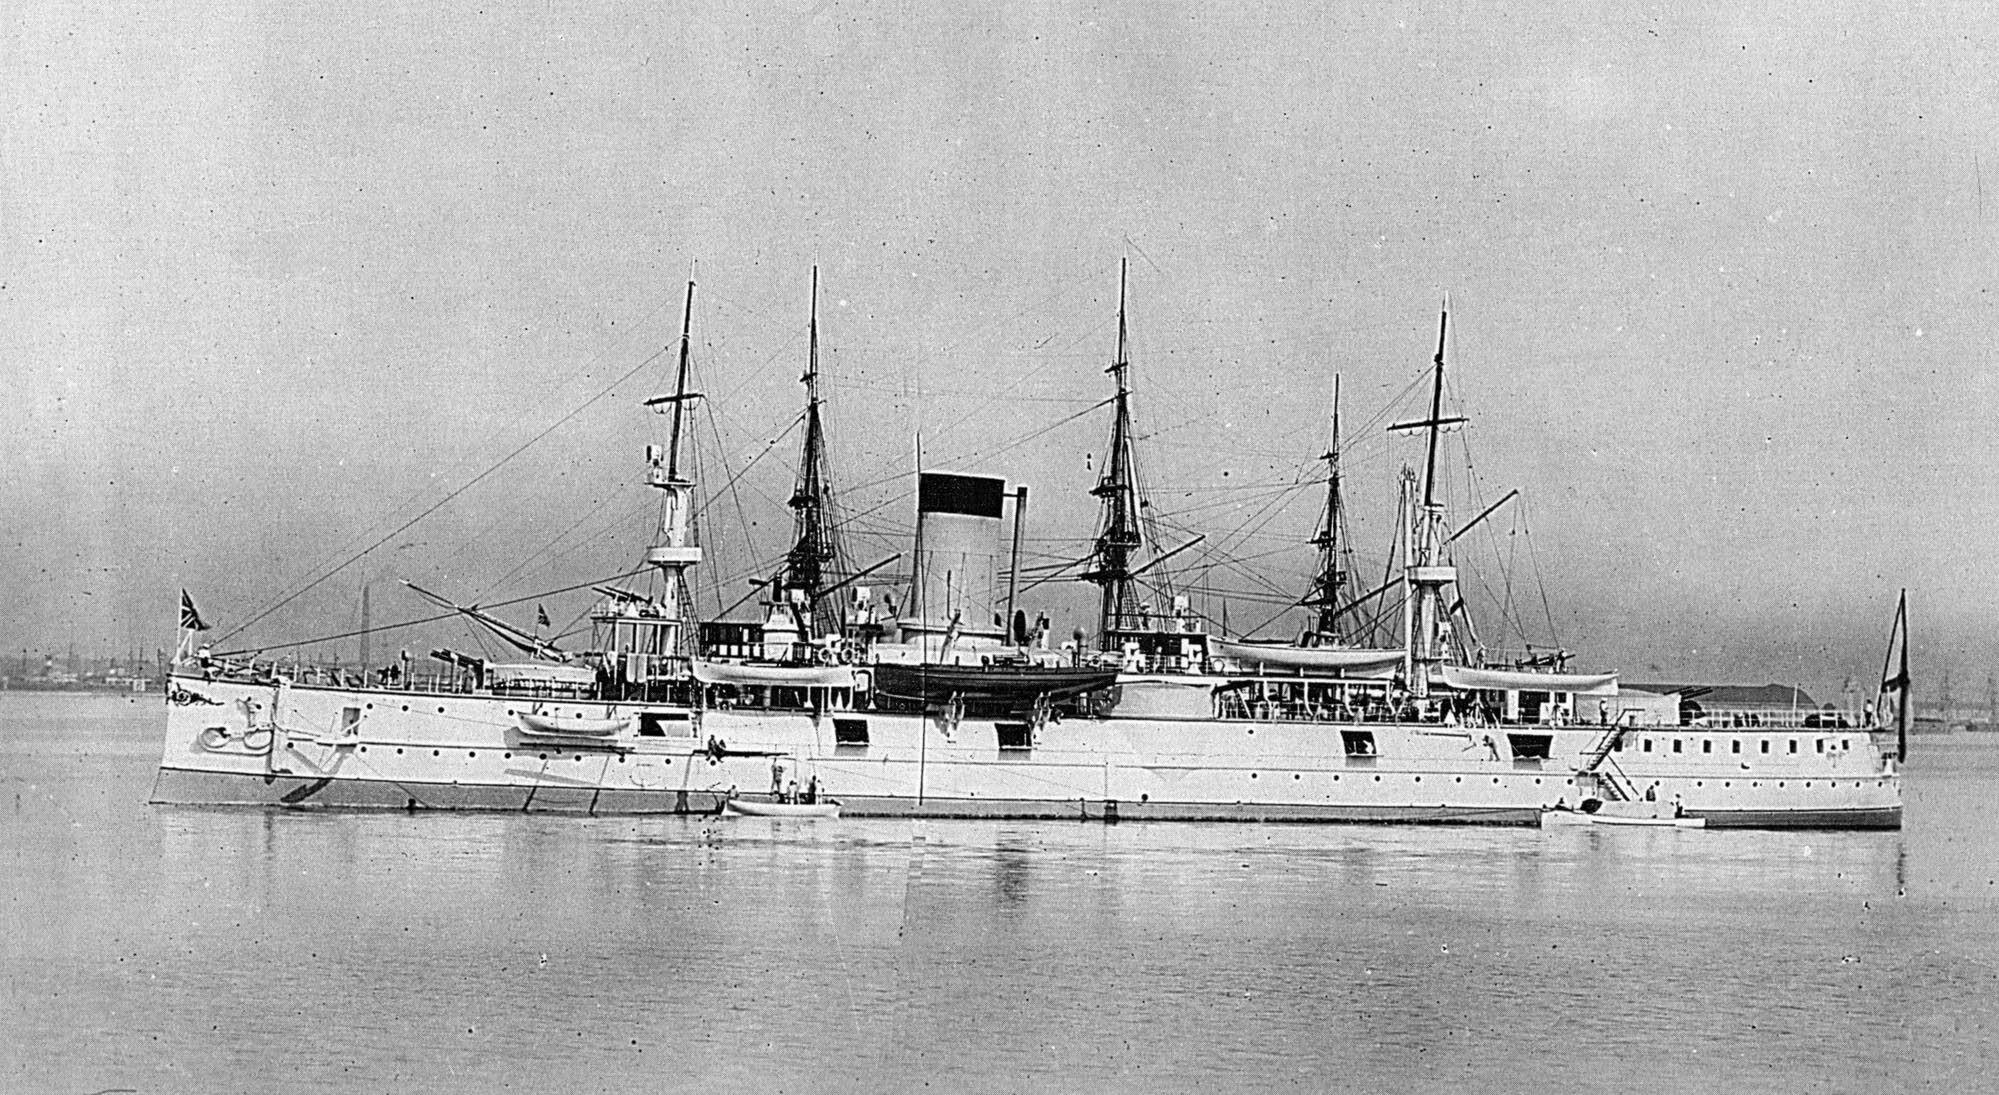 адмирал нахимов атомный крейсер